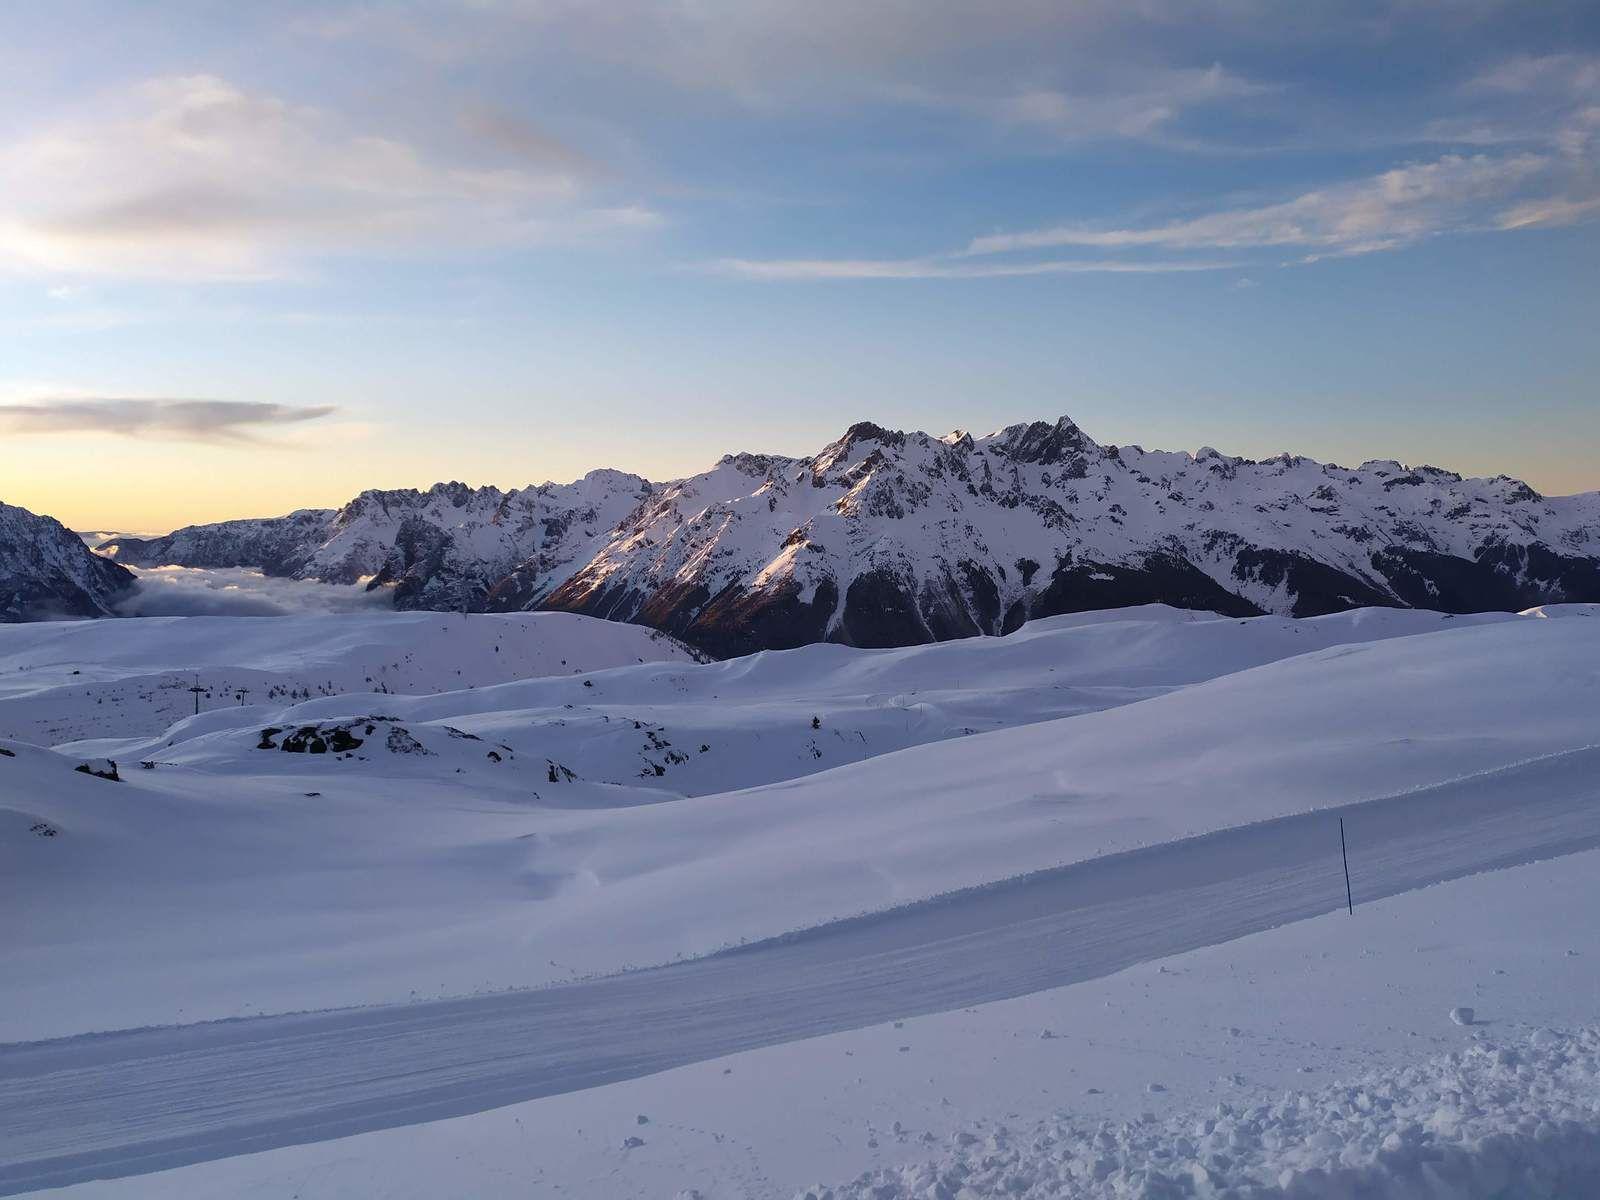 Cascade de glace à l'Alpe d'Huez